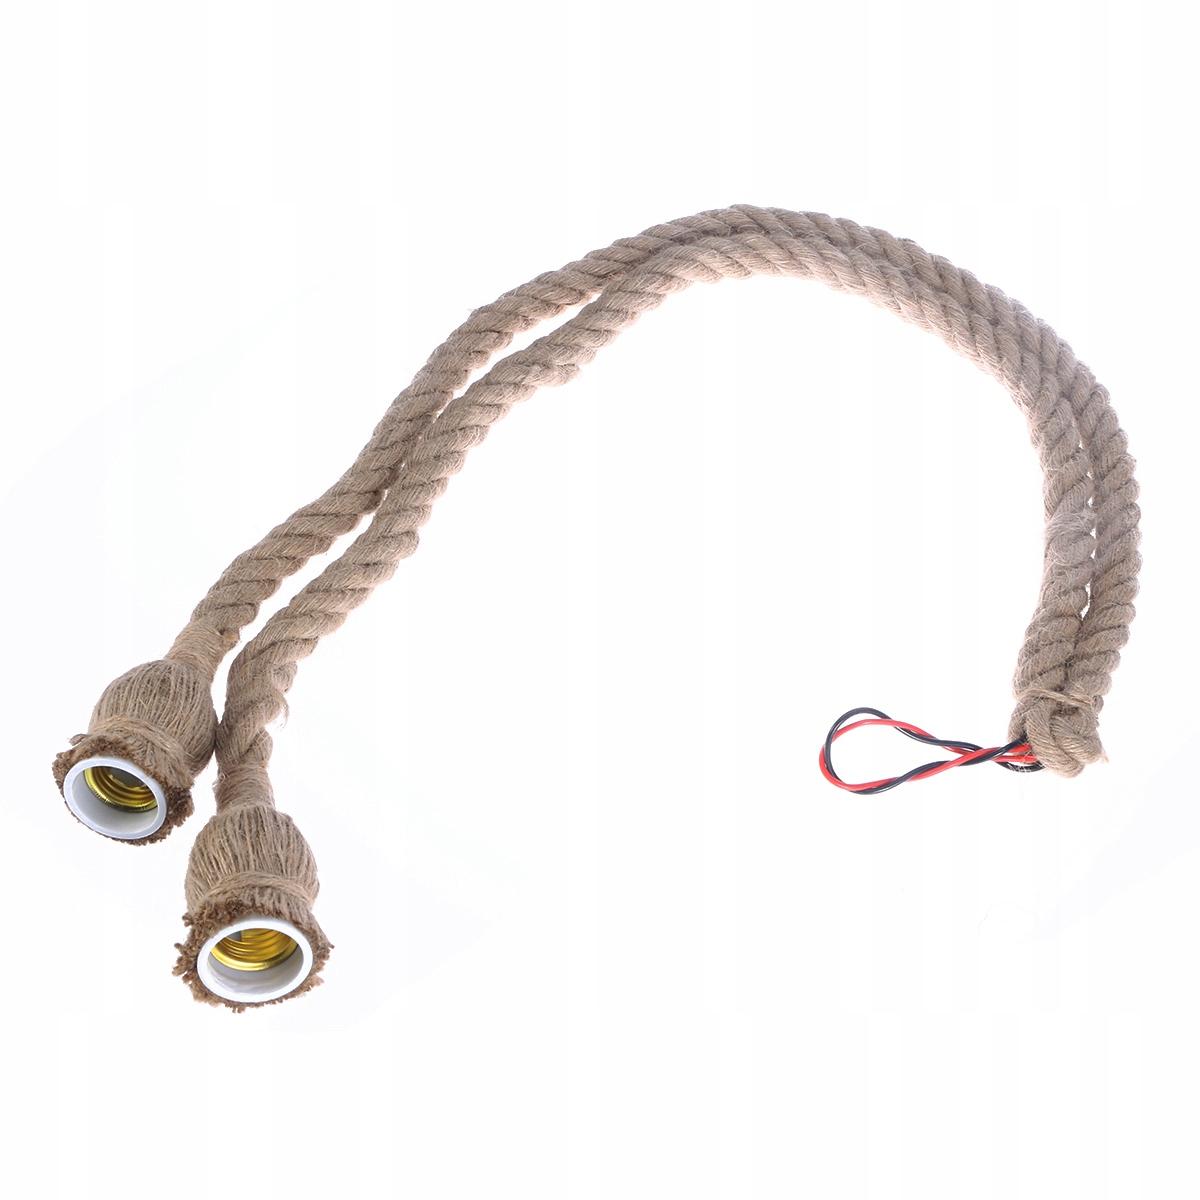 2M Dvojité mäsové konektory Rustikálne retro lano ko